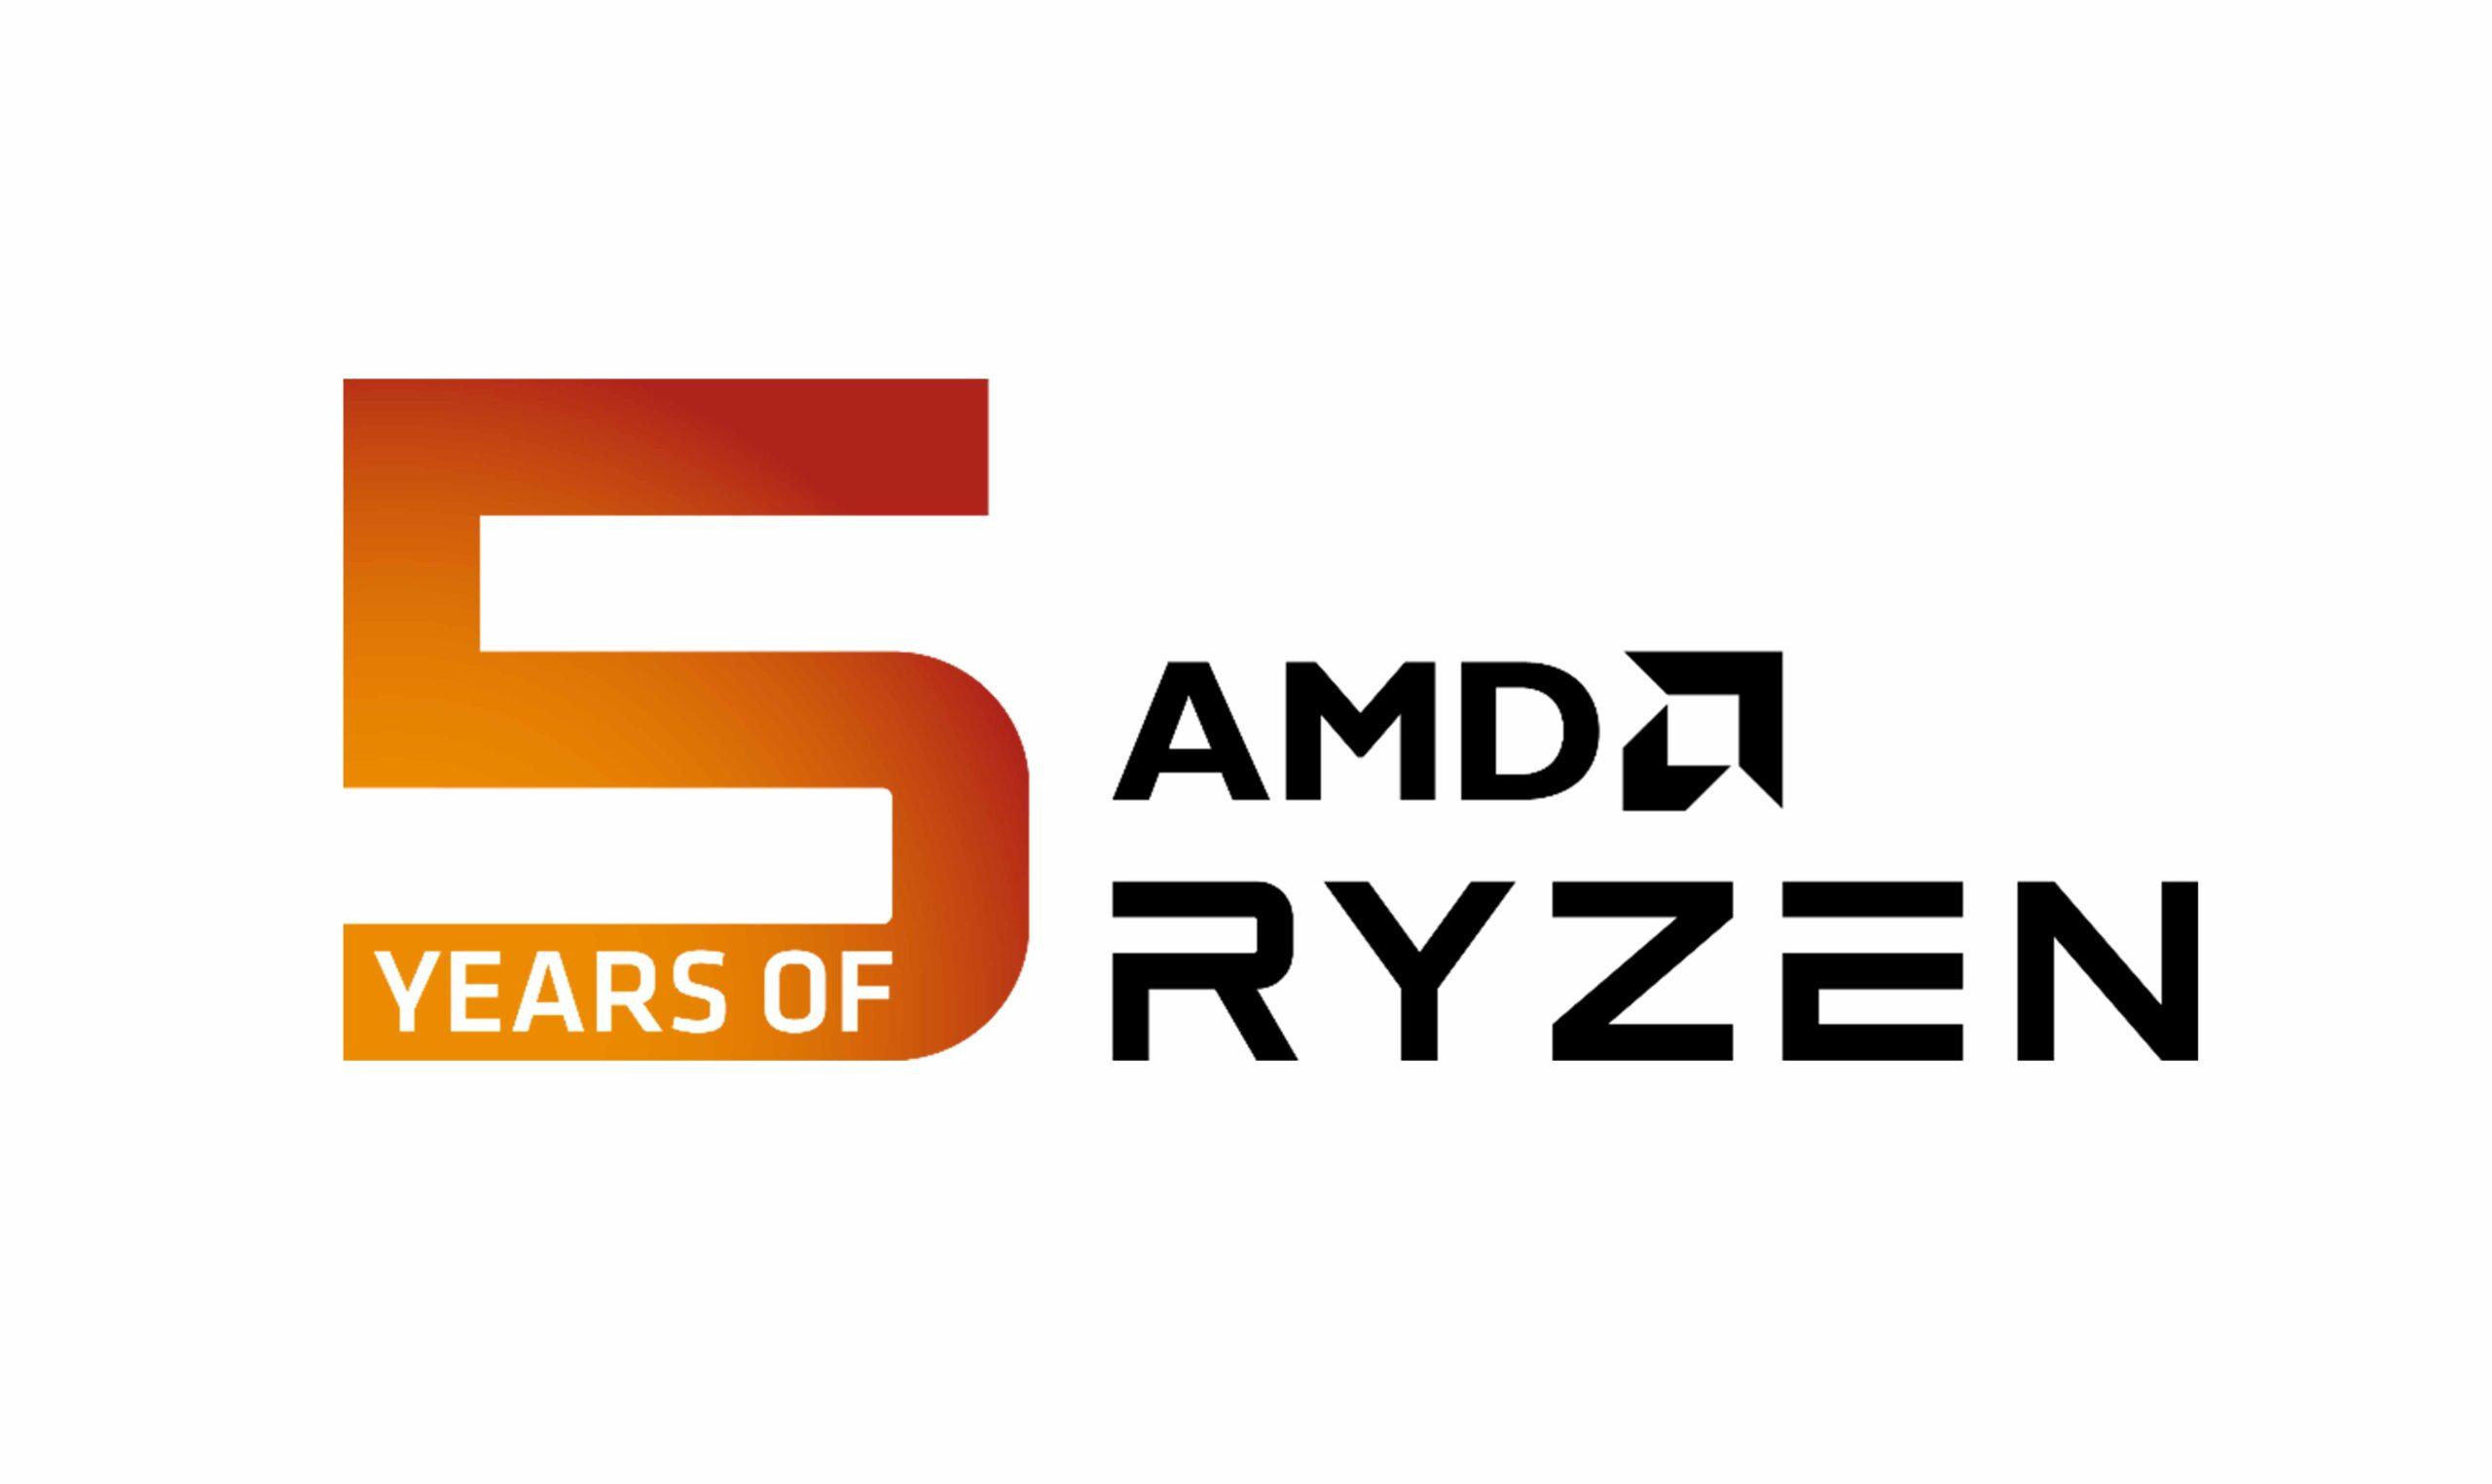 AMD está celebrando el 5to aniversario de Ryzen , GamersRD